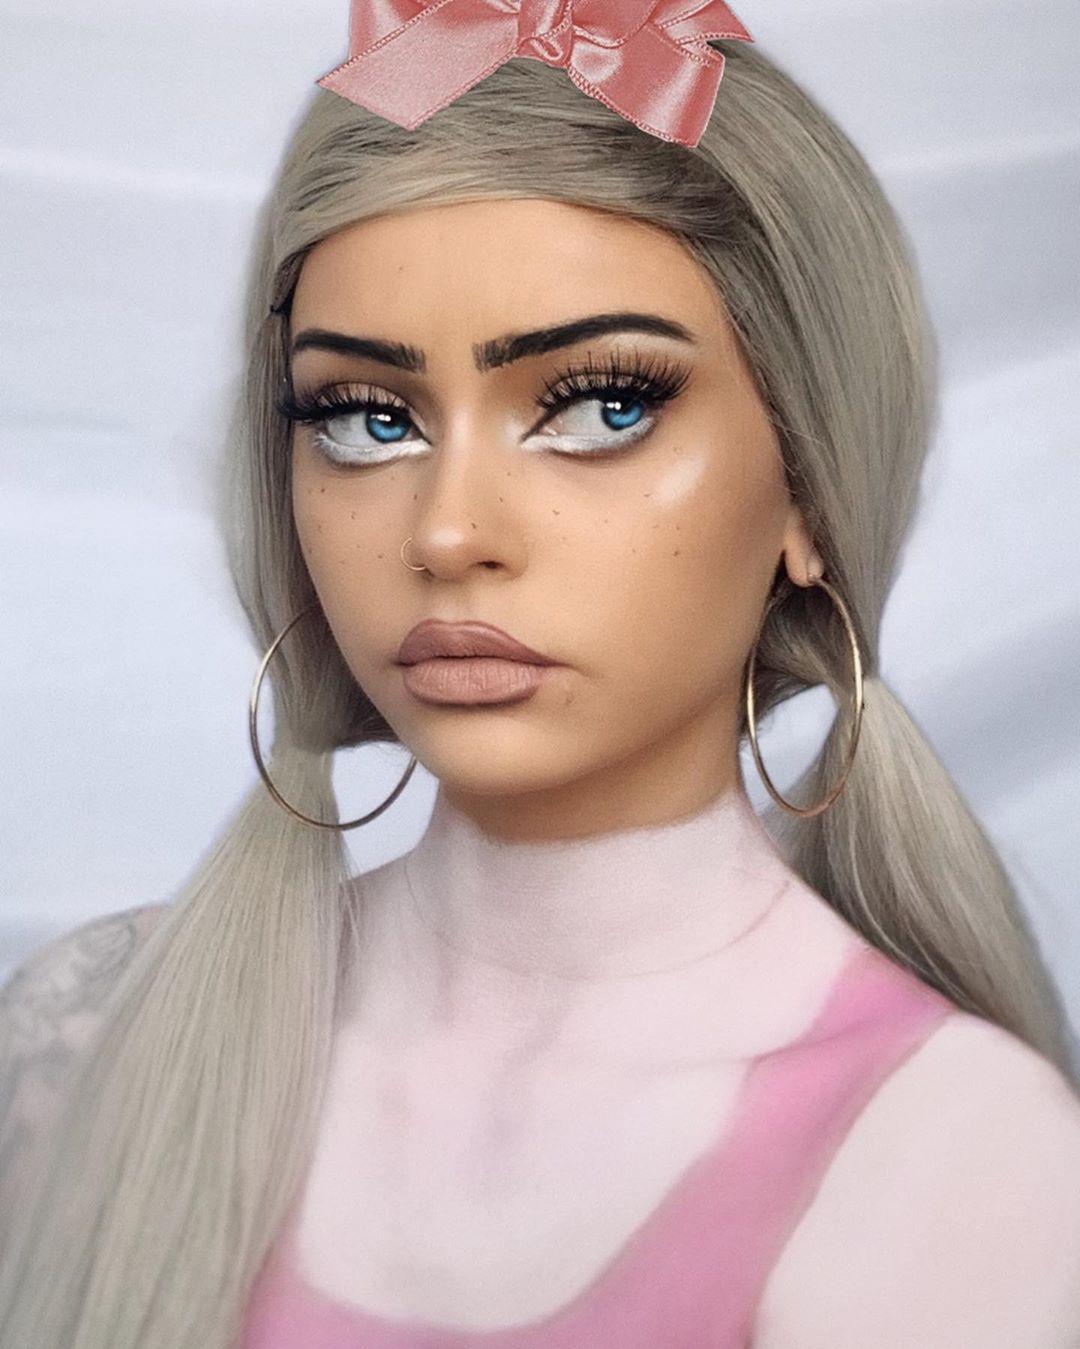 Baby Doll Makeup Faux Freckles Makeup technique